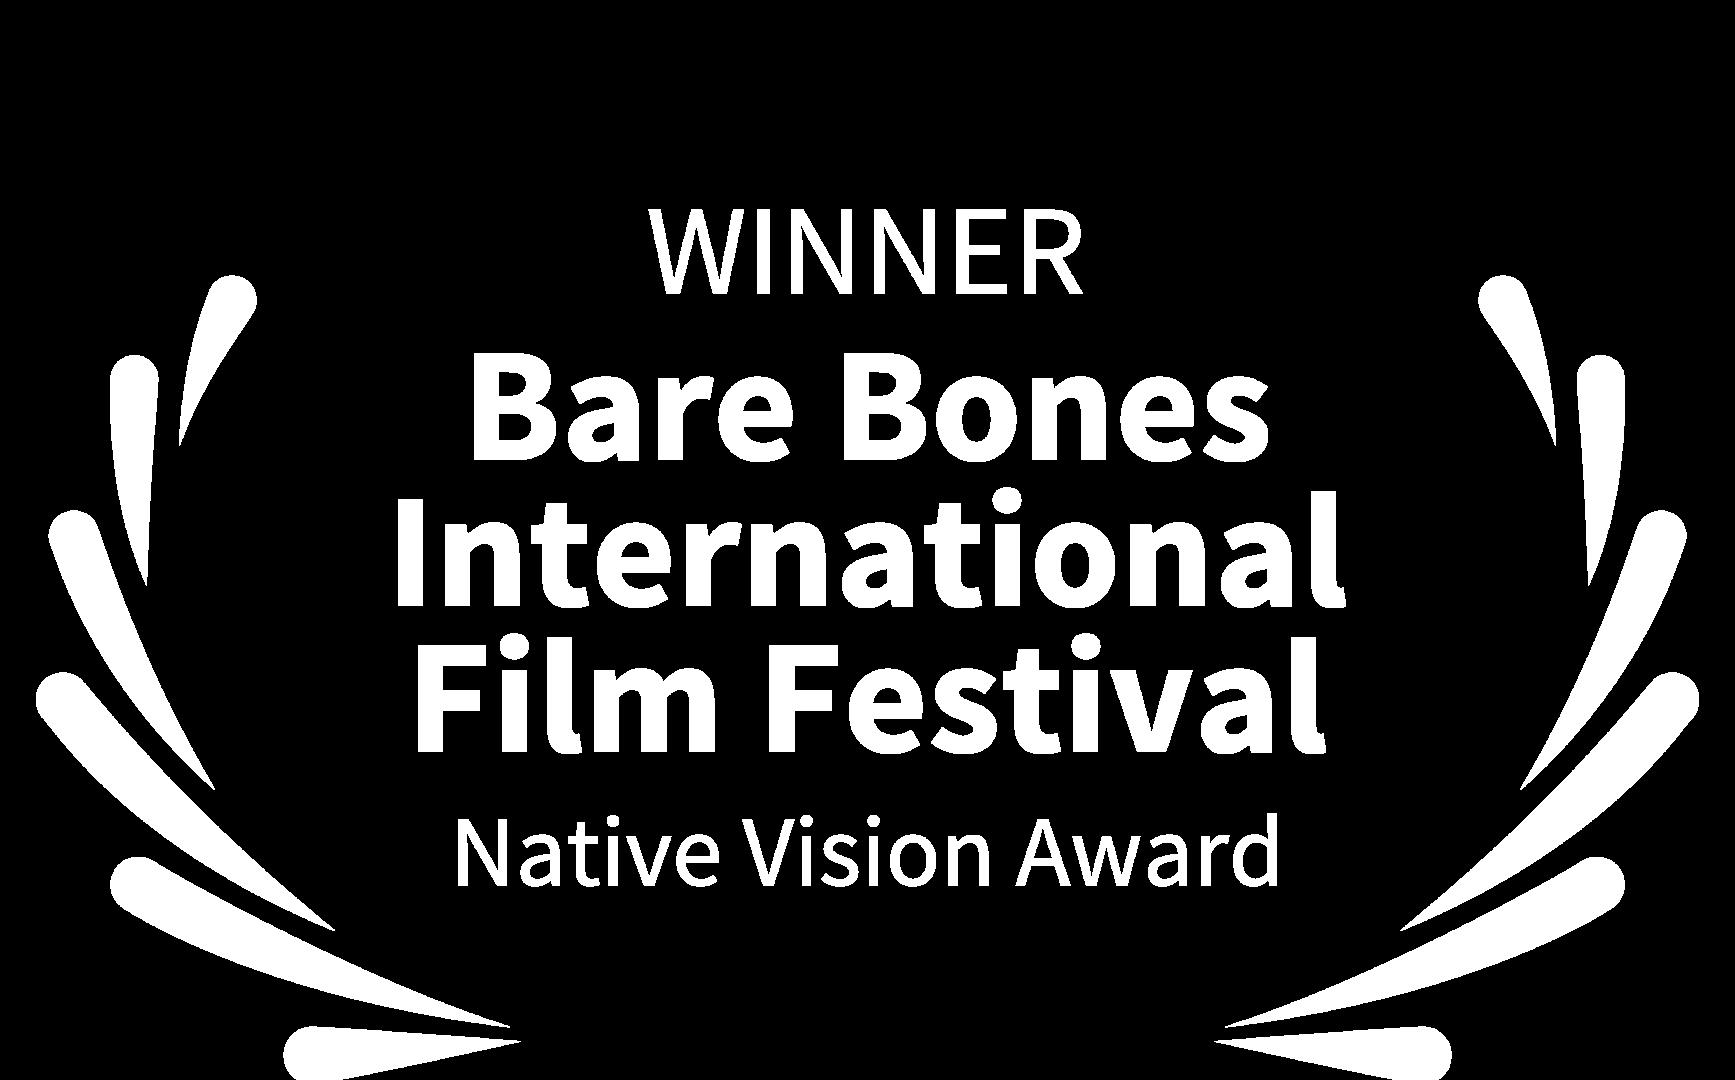 WINNER - Bare Bones International Film F